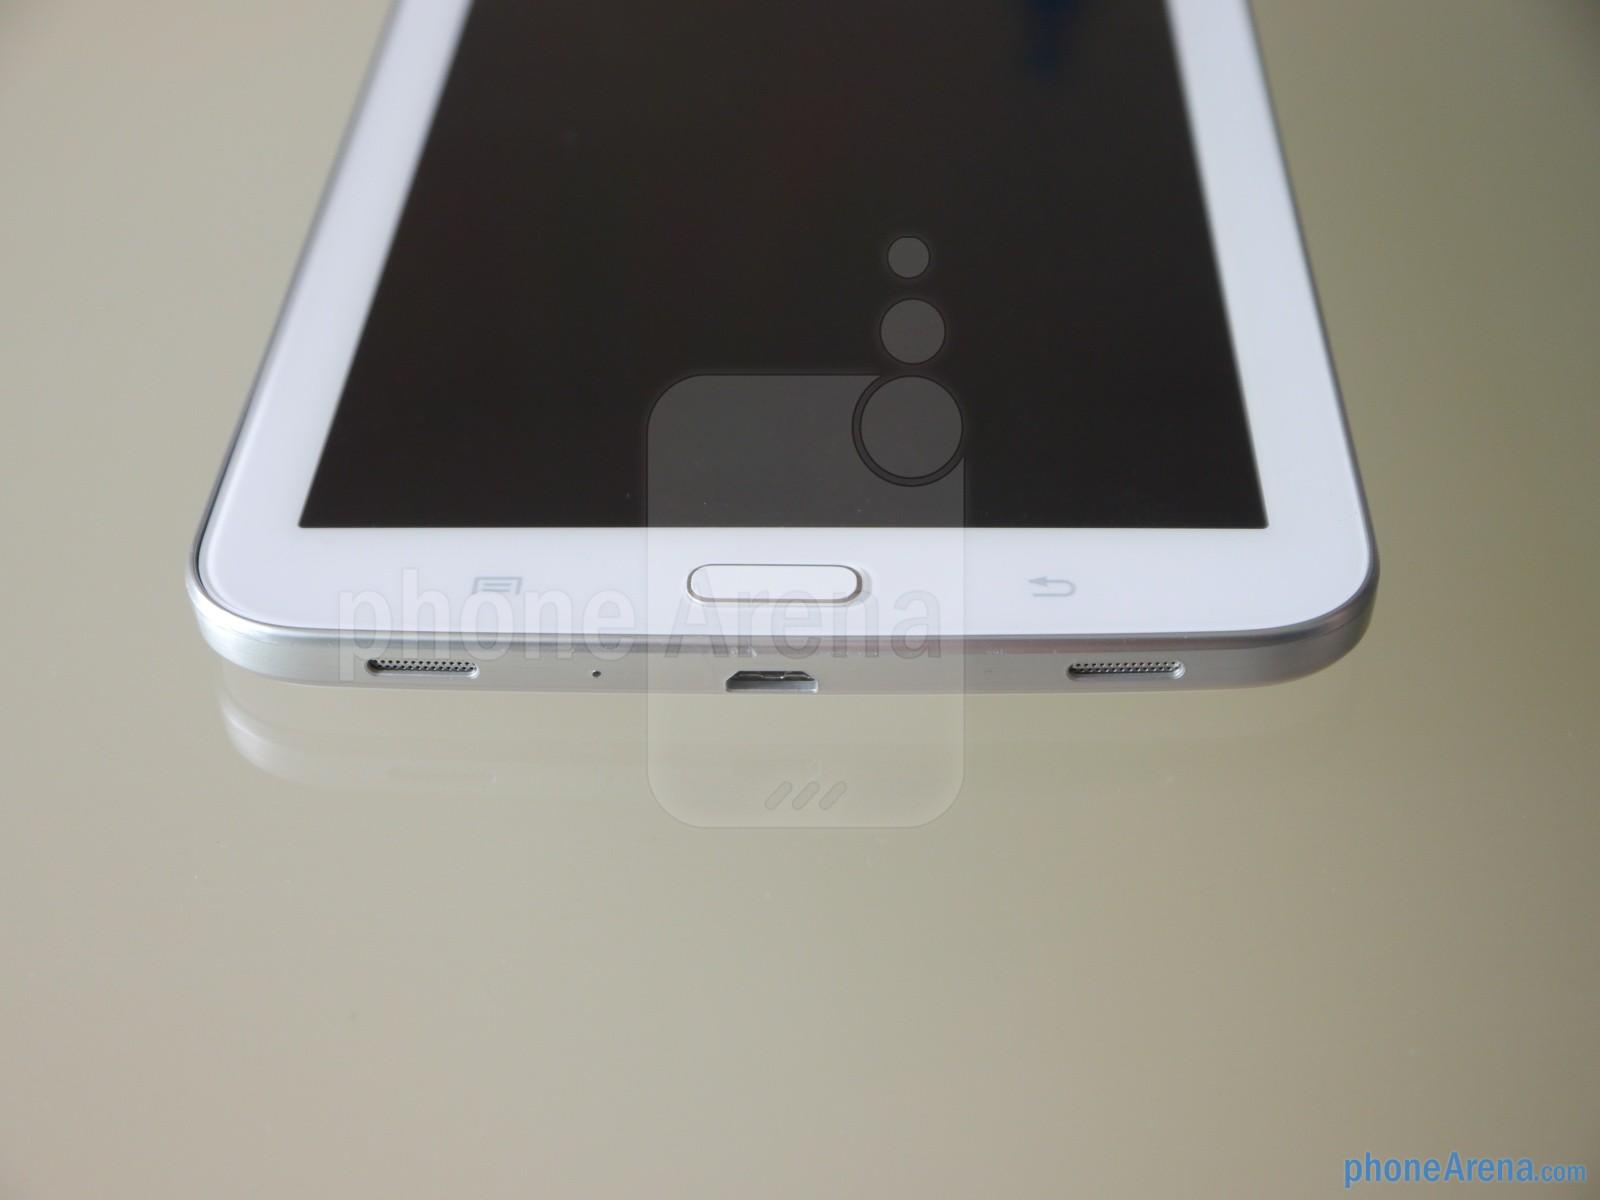 Samsung-Galaxy-Tab-3-7-inch-images (1)